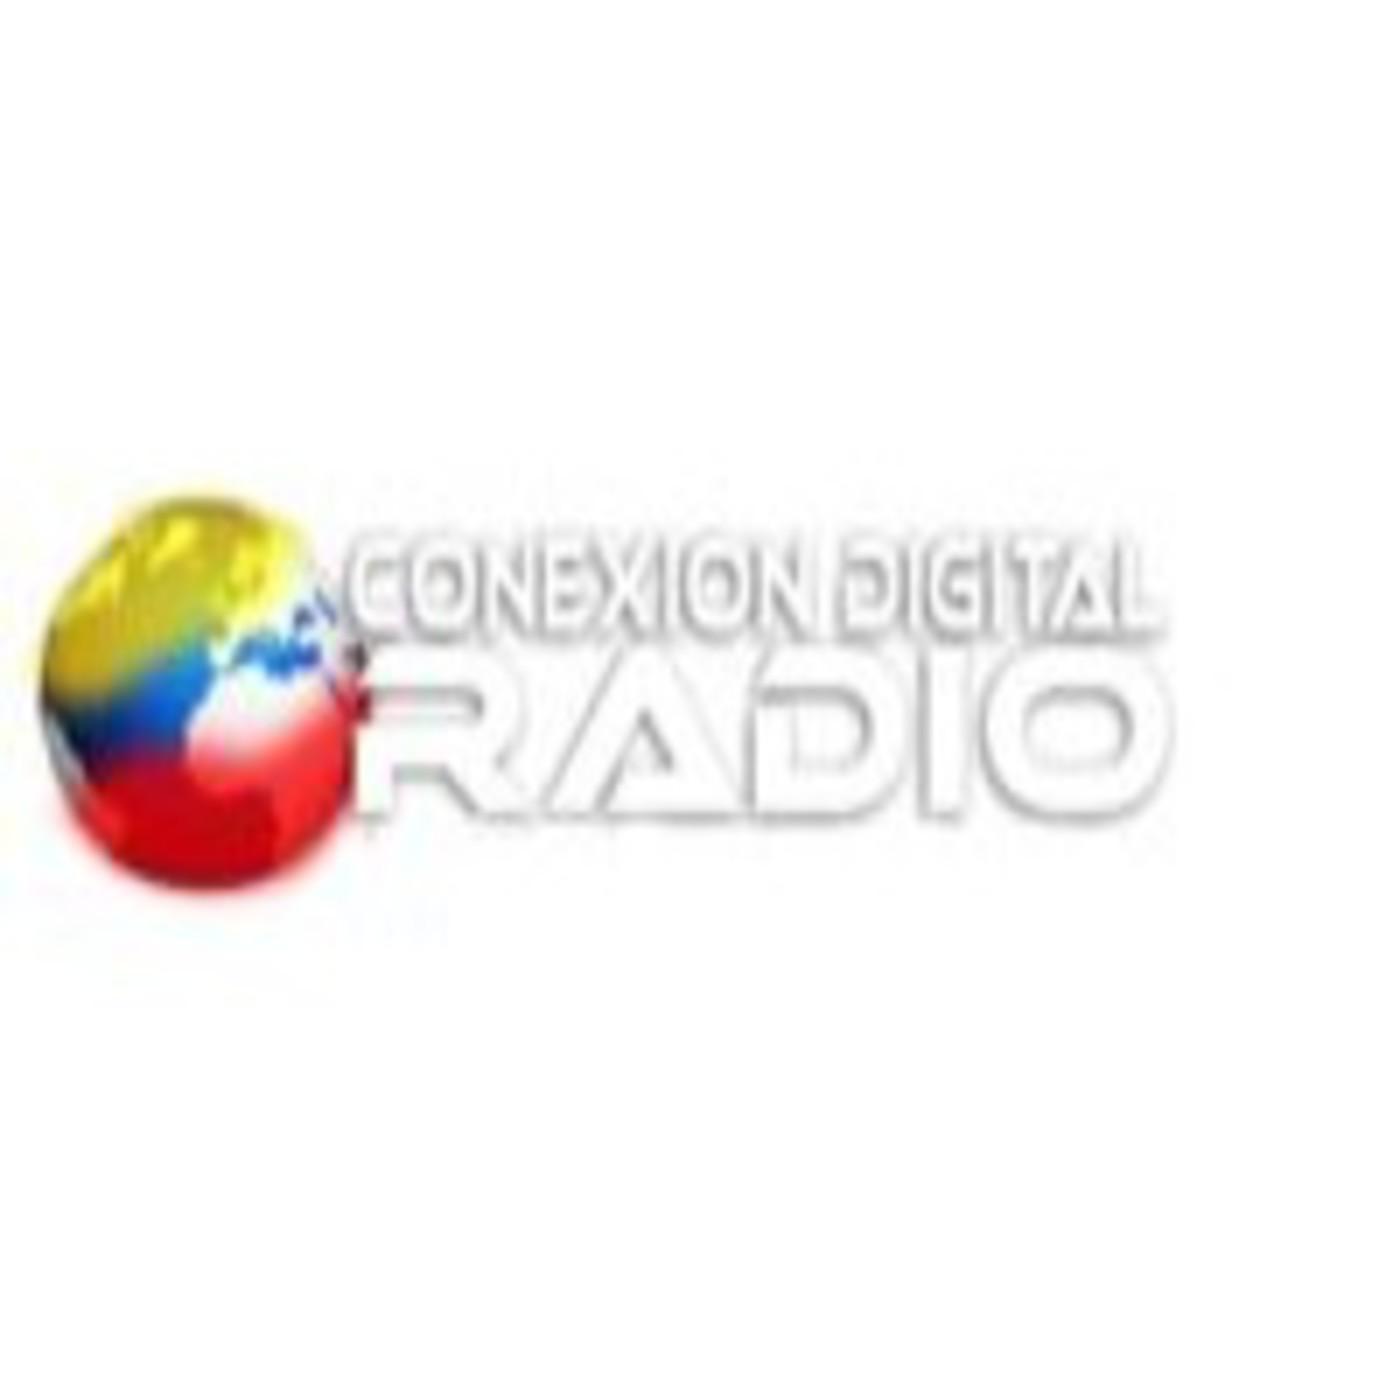 Repetición: Real Madrid vs. Barcelona (25/10/2014) - Conexión Digital Radio/Pasión Deportiva Radio